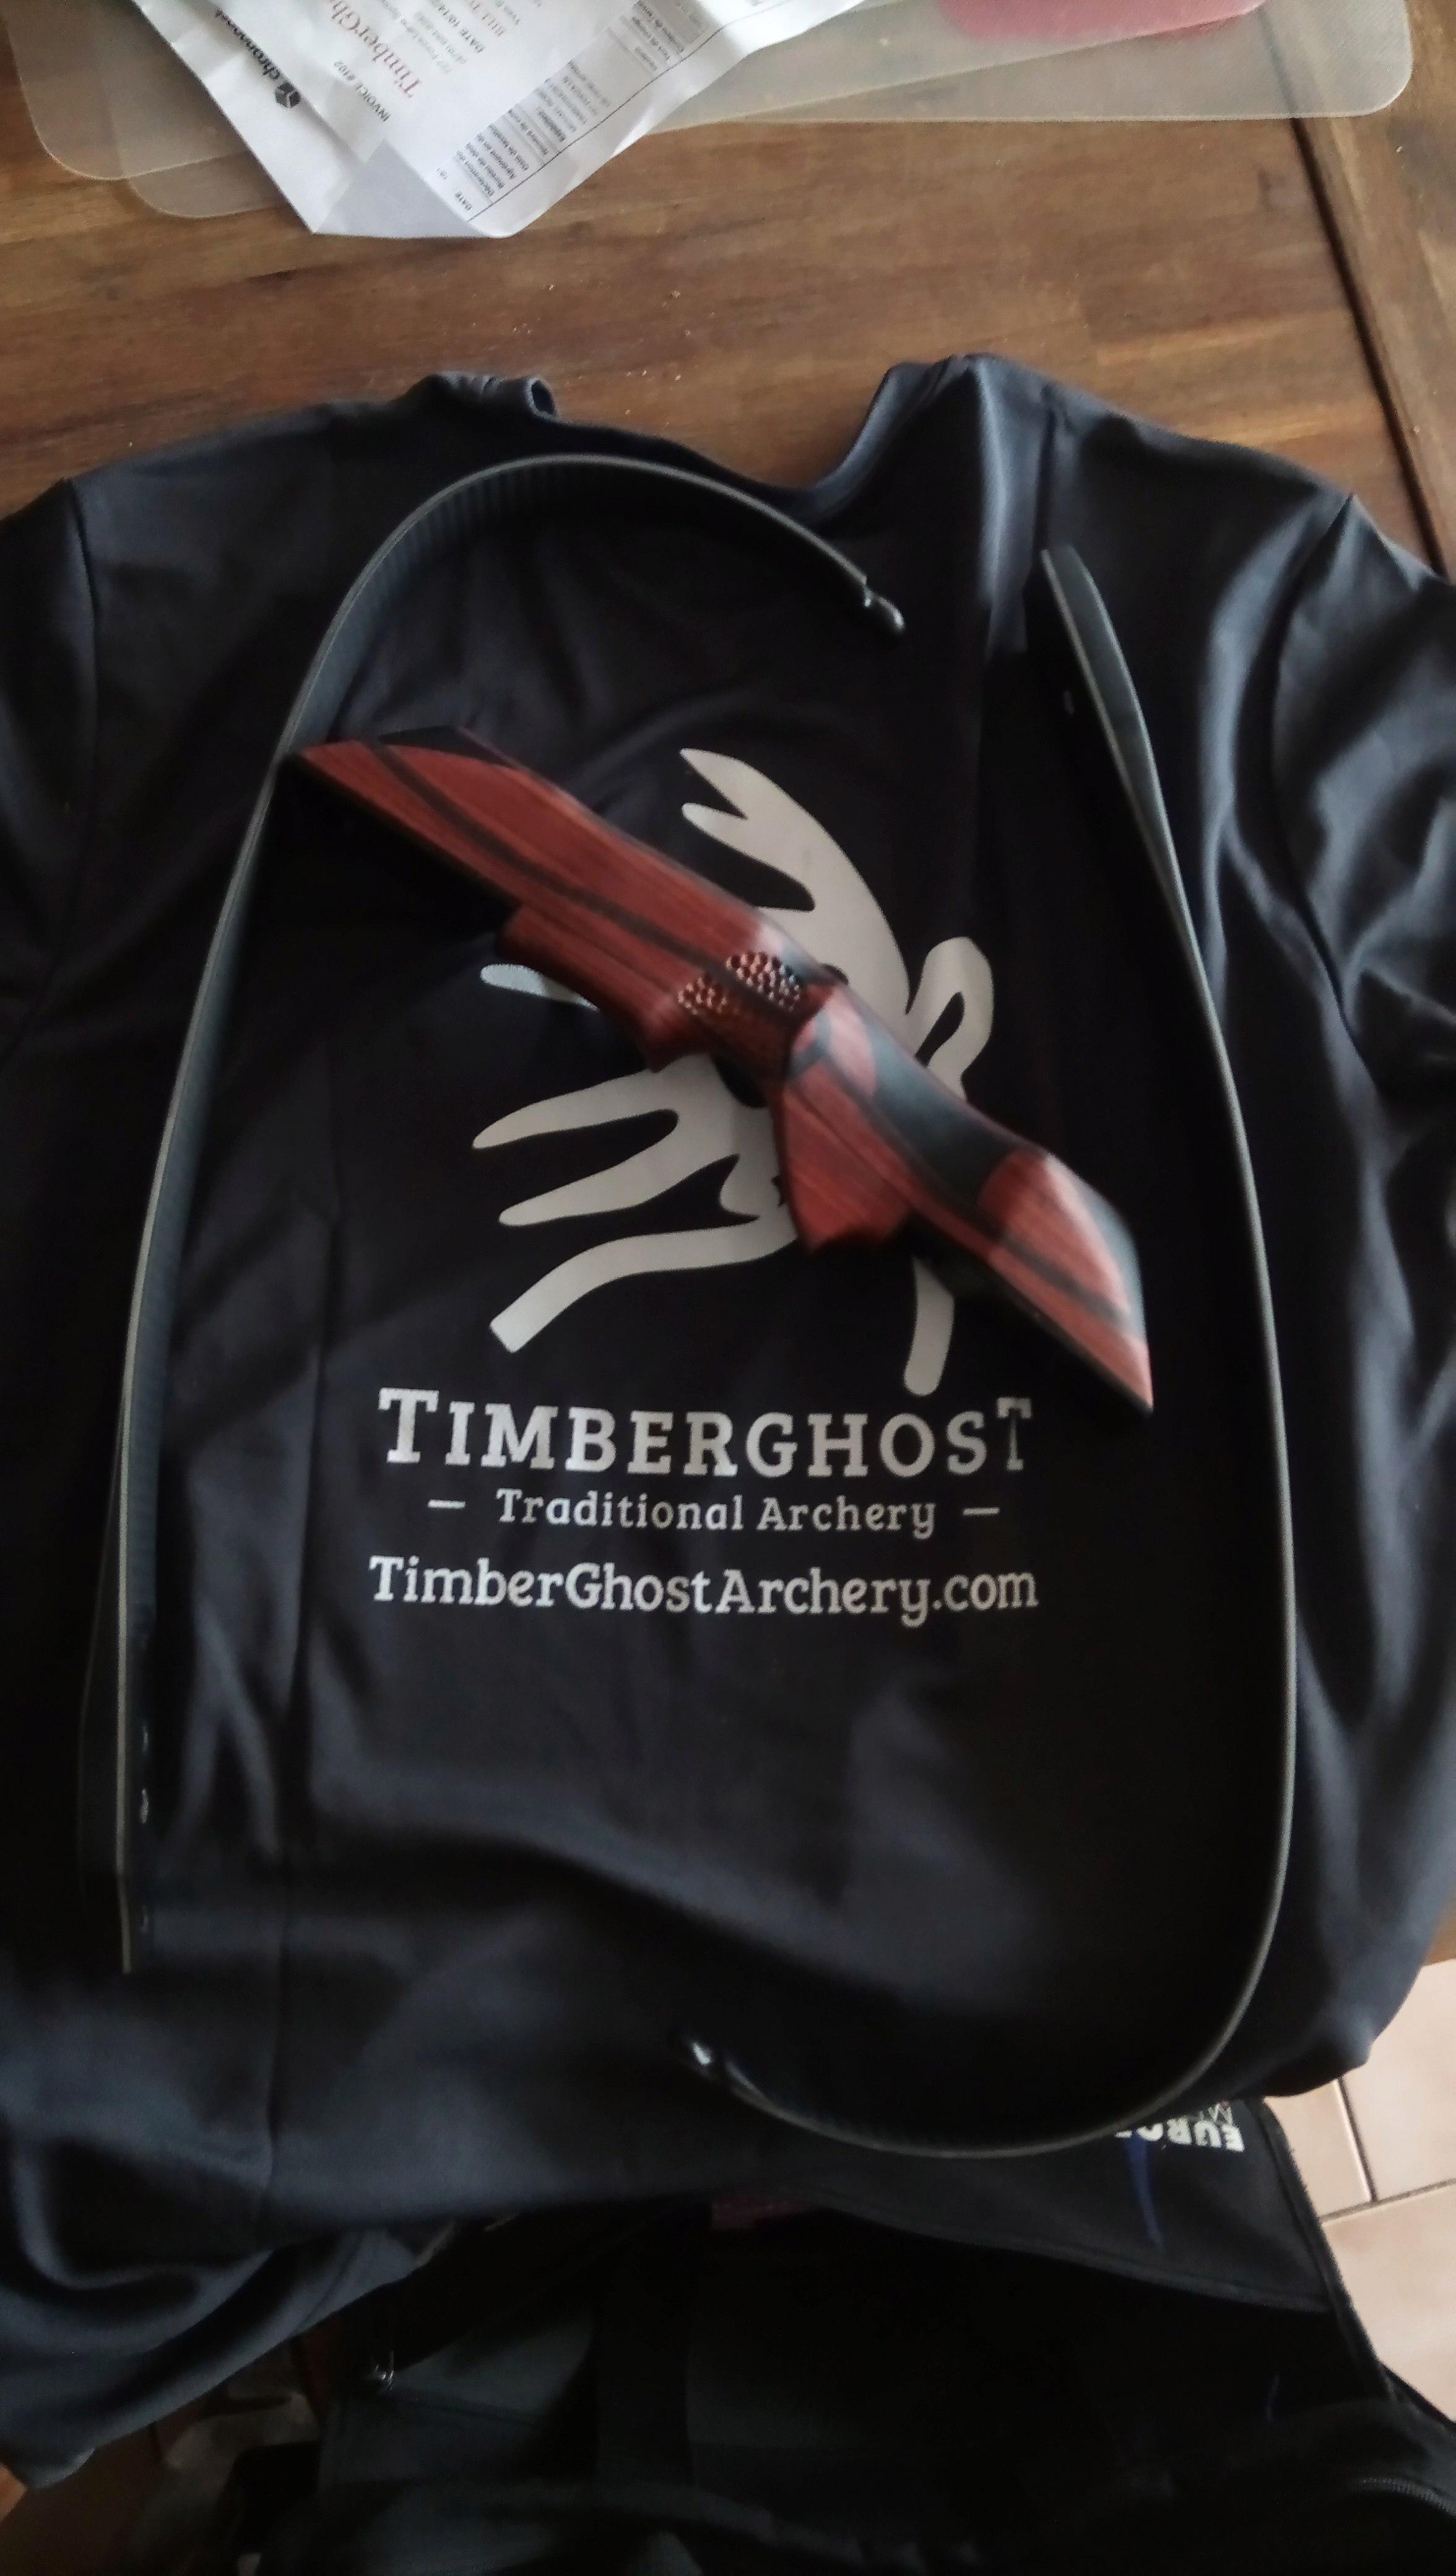 discussion autour de timerghost archery - Page 3 P_201810